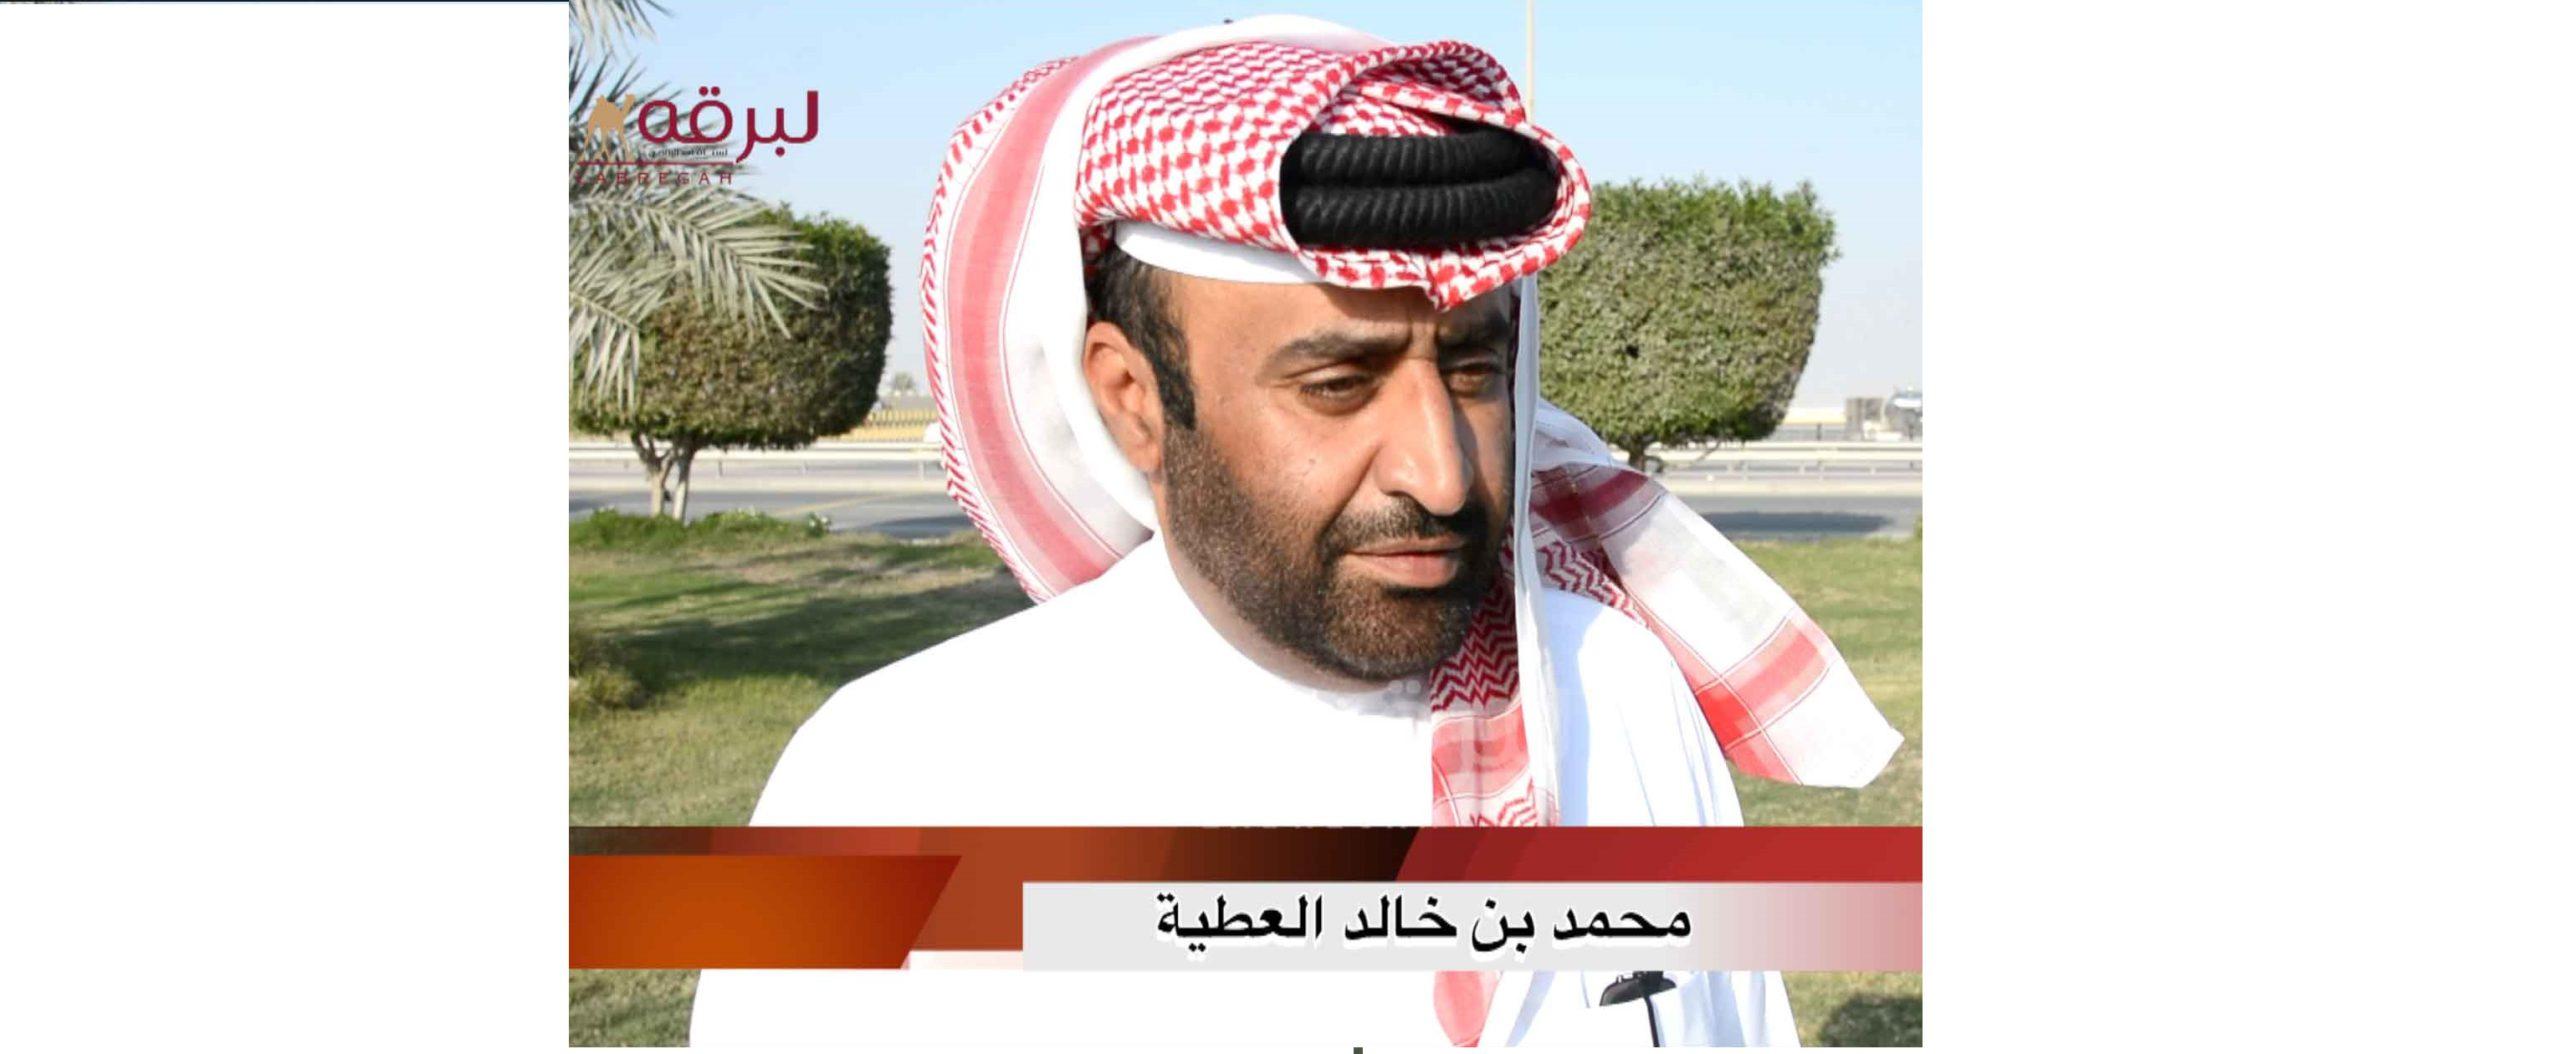 """محمد بن خالد: مشاركات """"زرقا"""" الأخيرة أهلتها للدخول في الرمز وحسمه"""